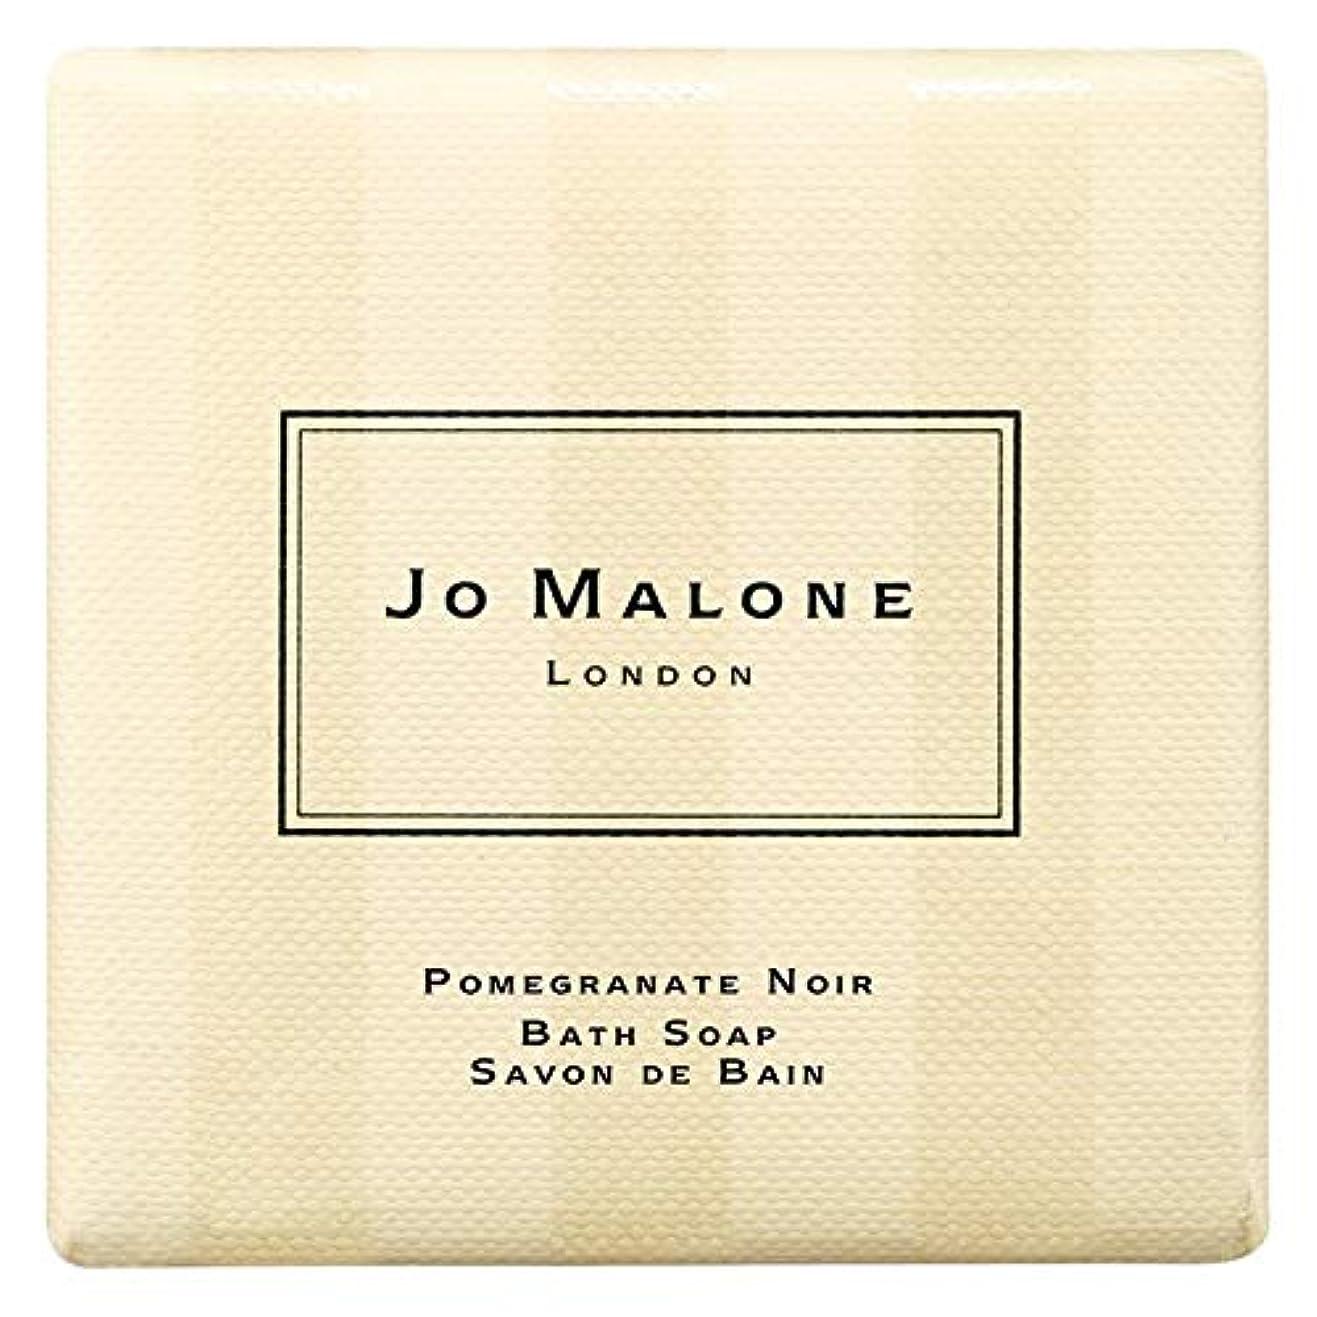 電気技師ドナー変数[Jo Malone] ジョーマローンロンドンザクロノワール入浴石鹸100グラム - Jo Malone London Pomegranate Noir Bath Soap 100g [並行輸入品]